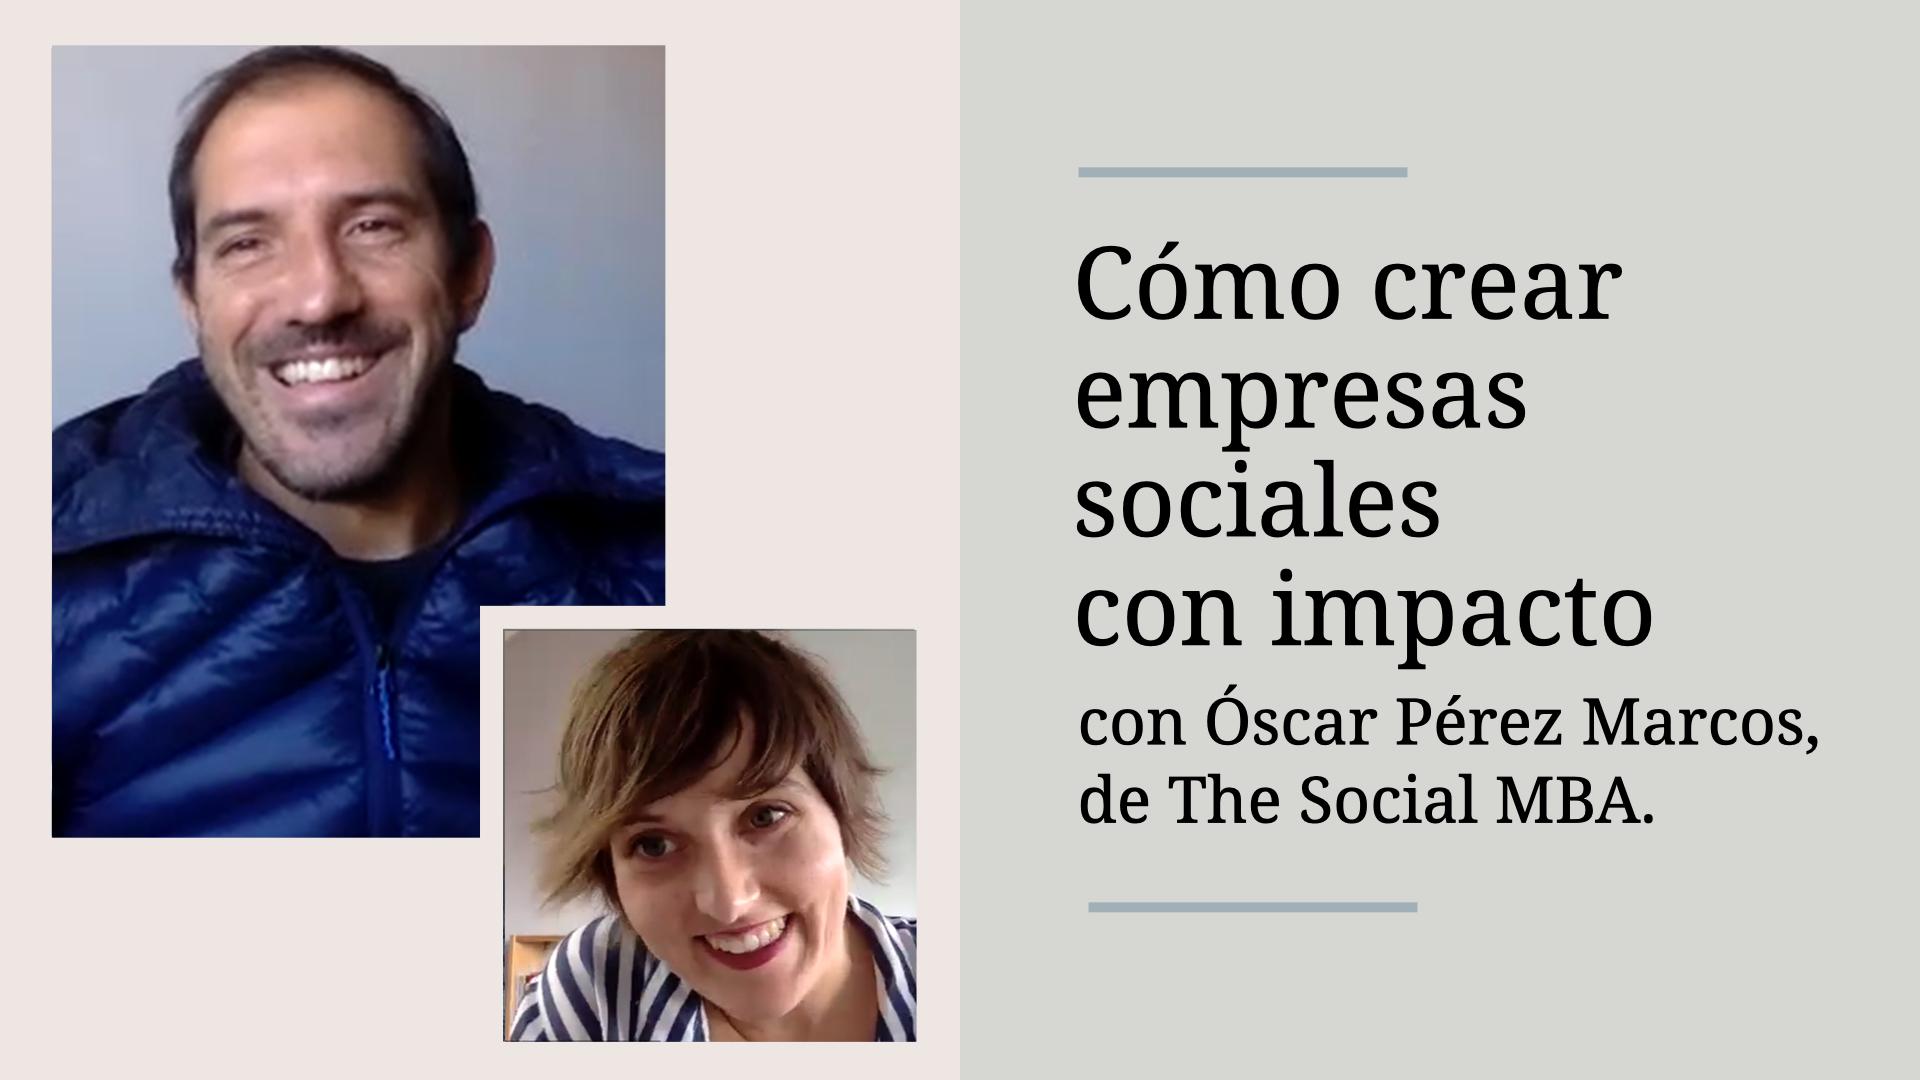 Conversaciones con marcas responsables: The Social MBA o cómo crear empresas sociales con impacto